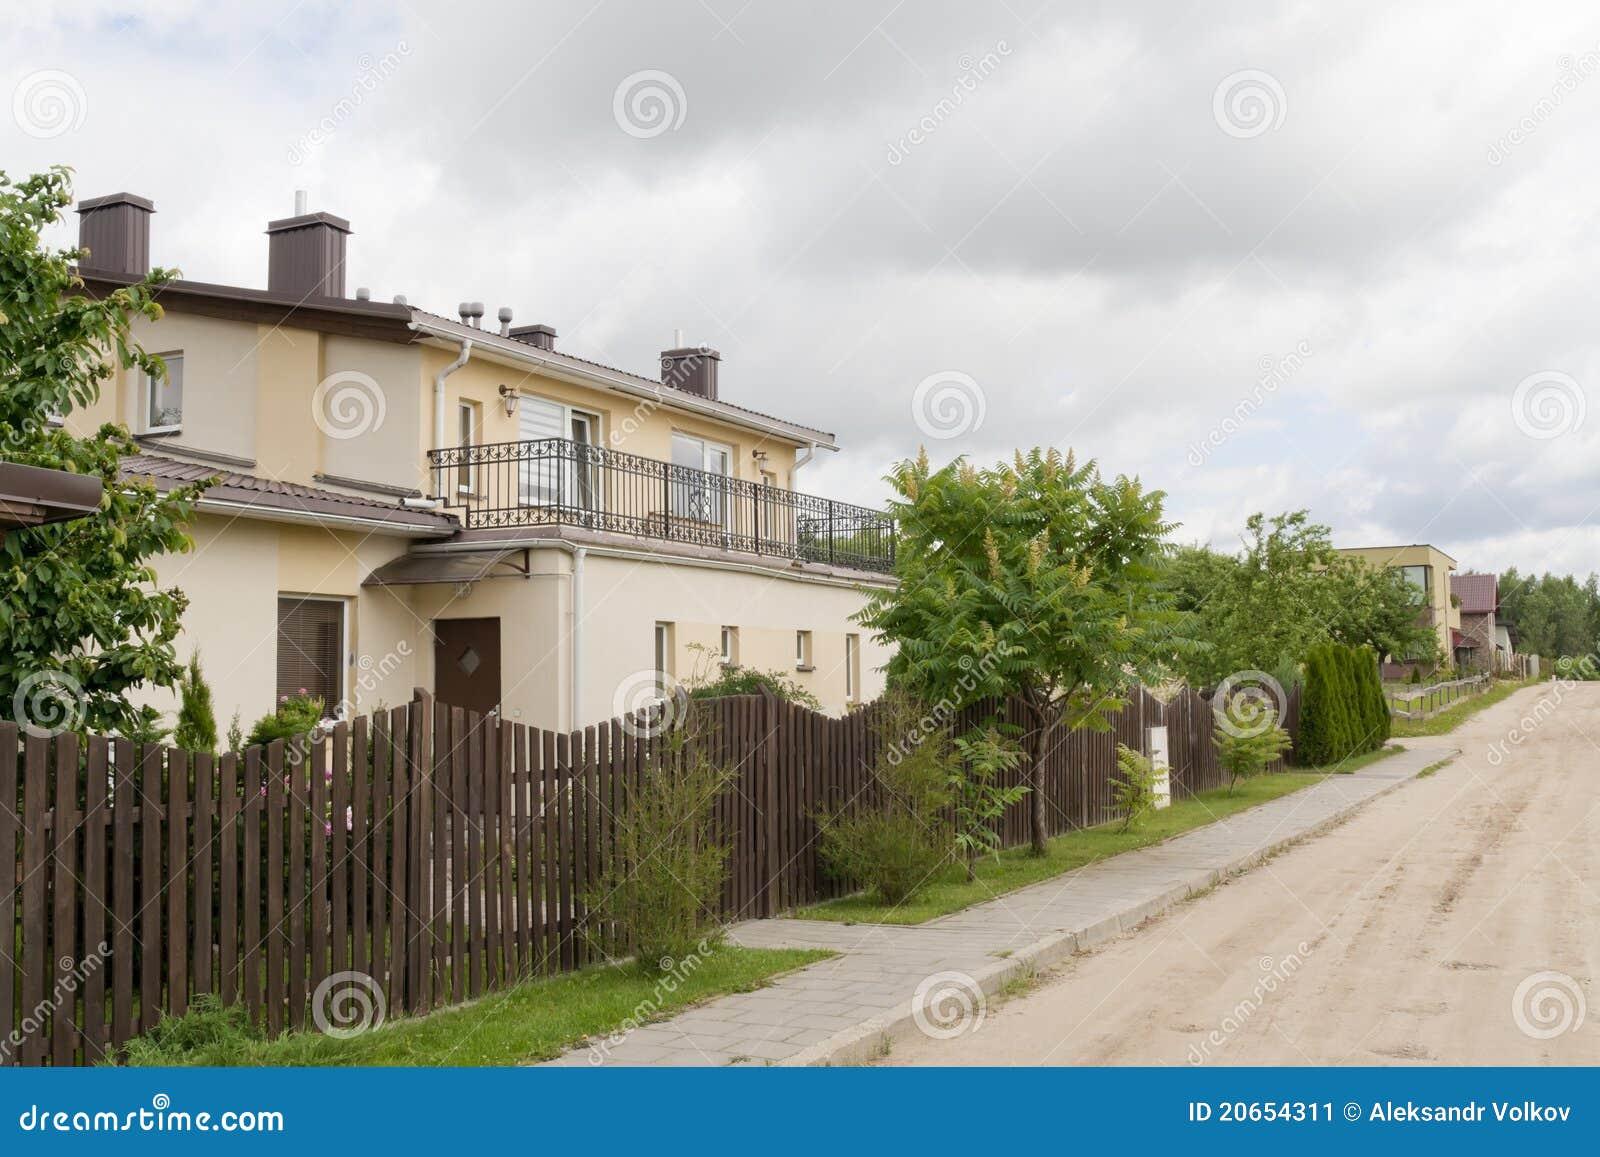 Rural Street Stock Image - Image: 20654311